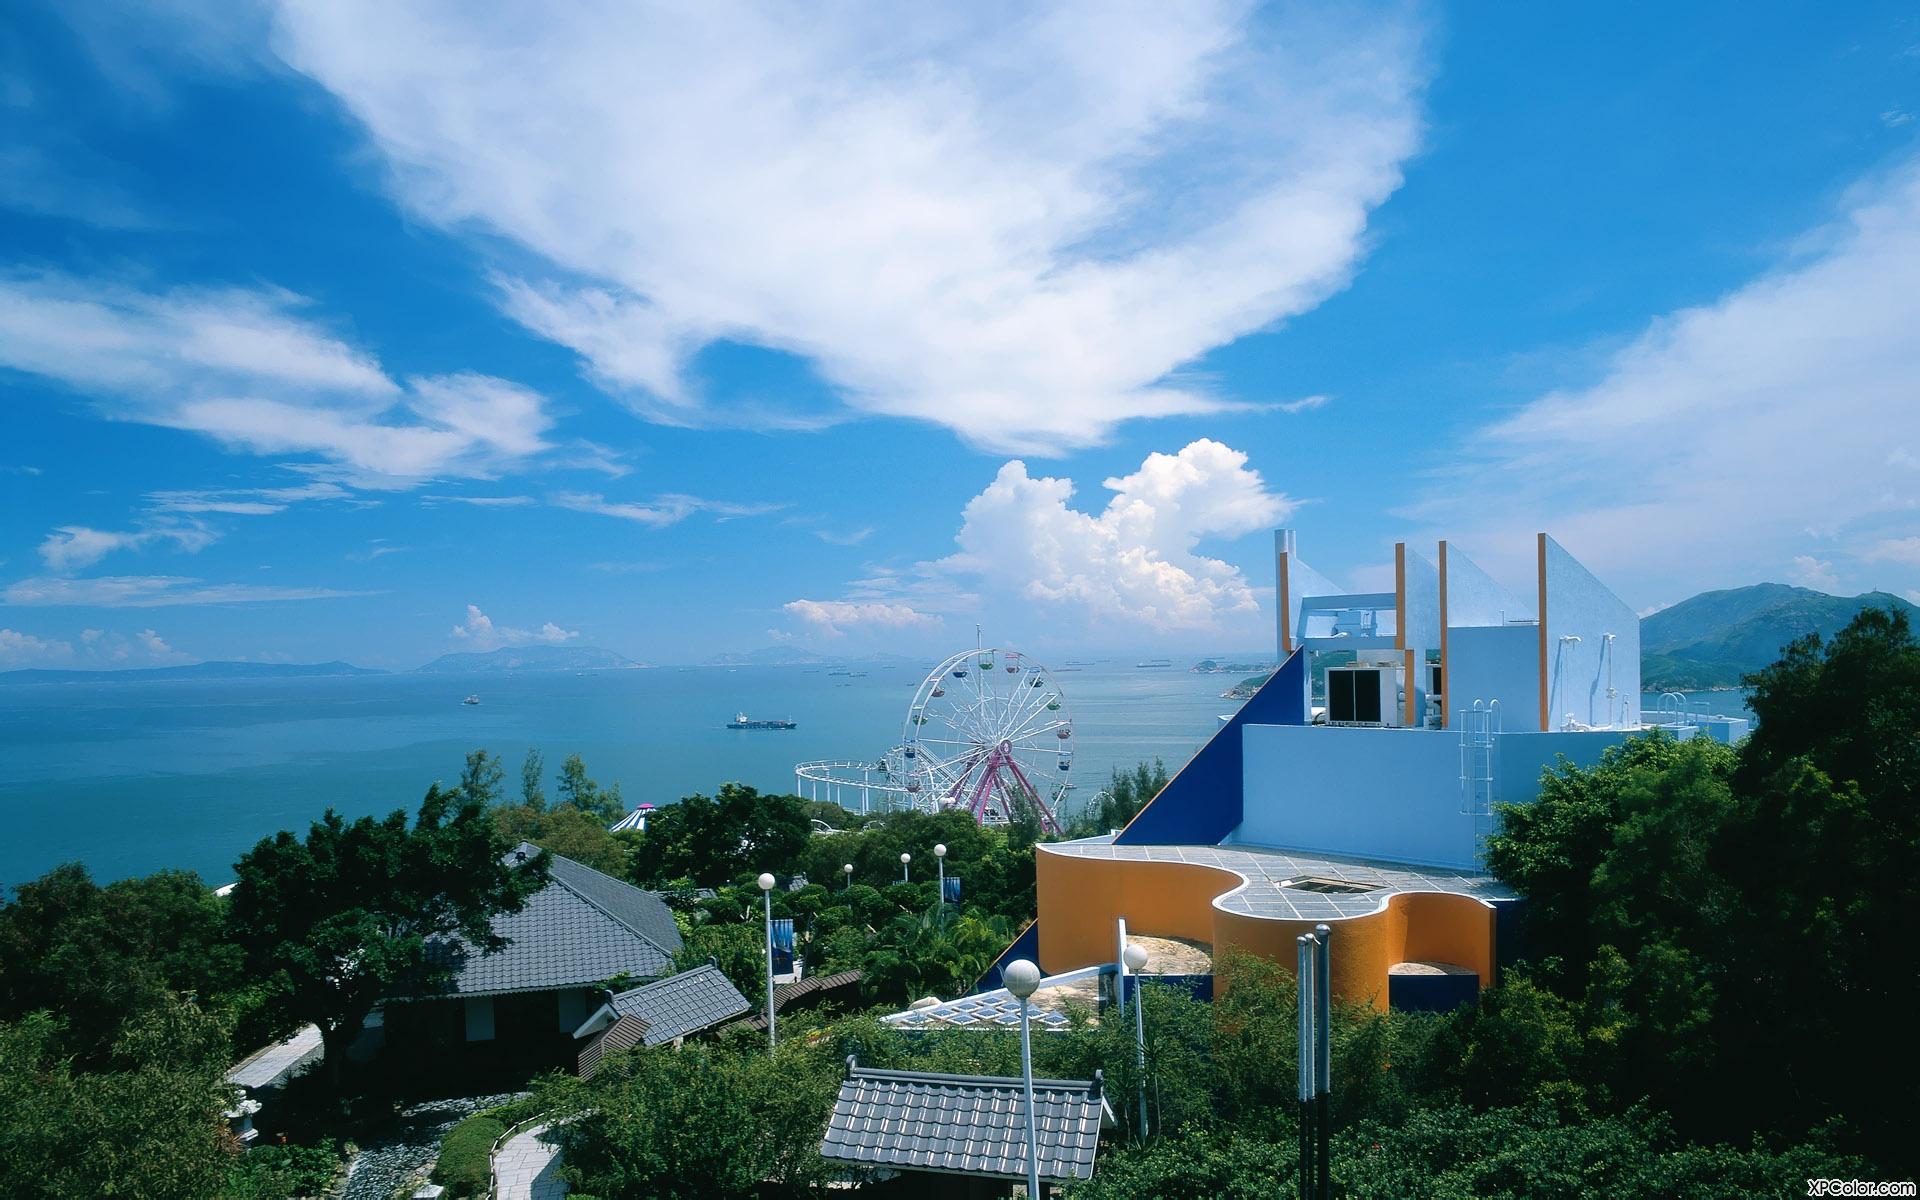 香港海洋公园拥有全东南亚最大的海洋水族馆及主题游乐园,...